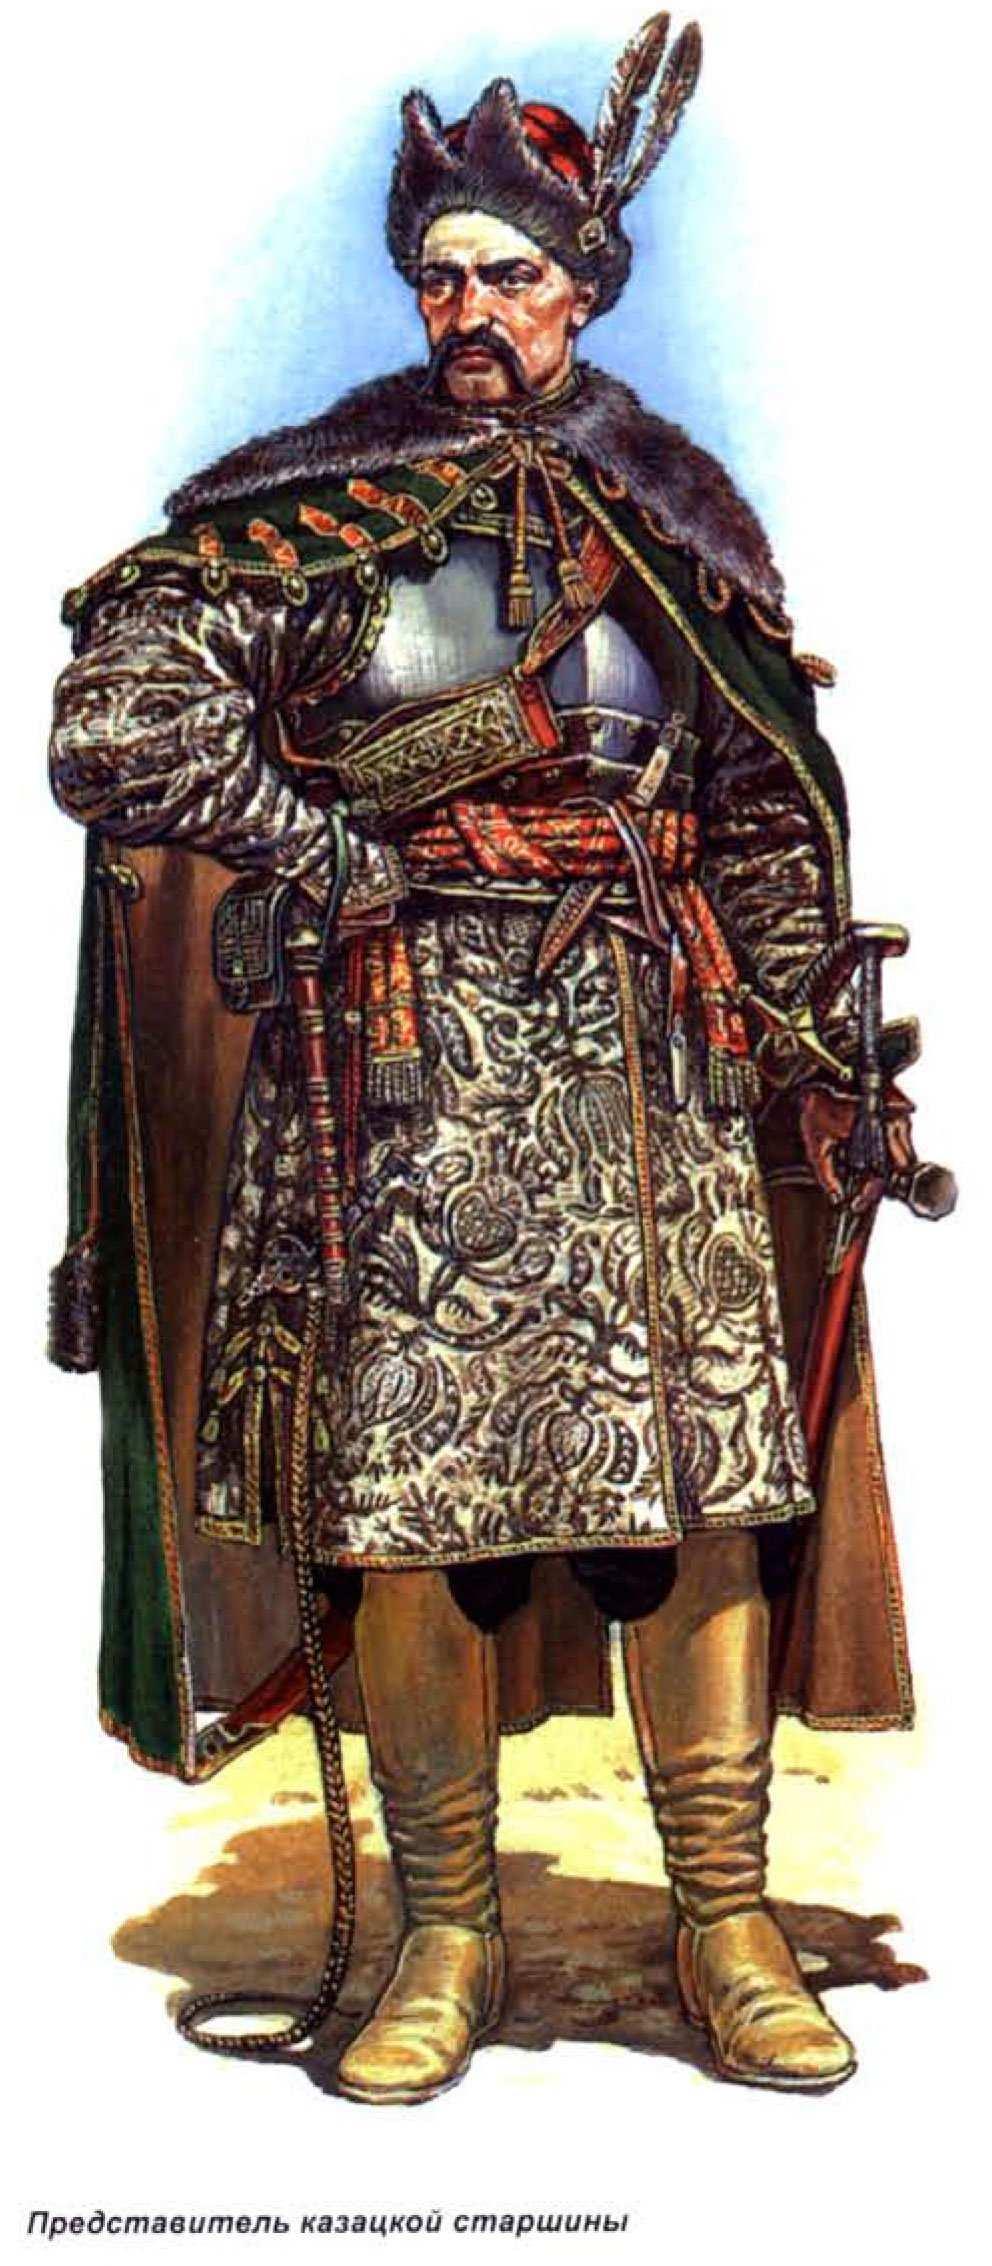 Козацький старшина